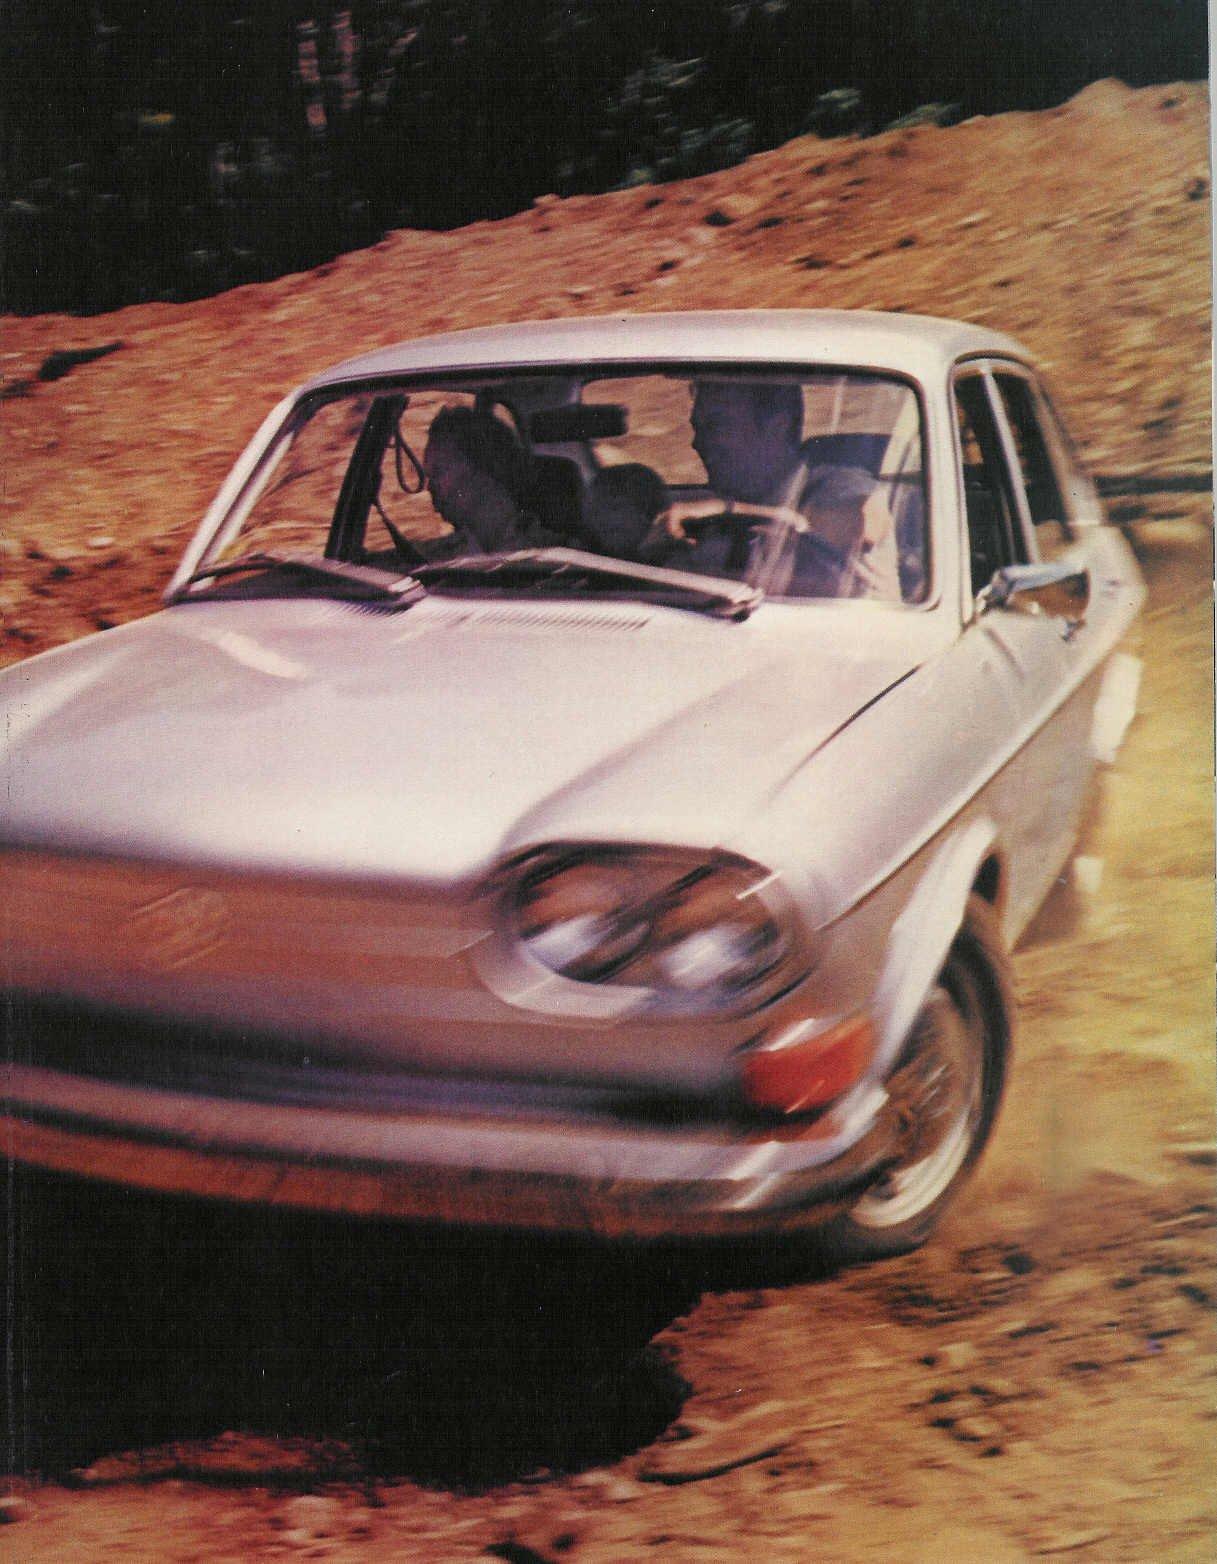 Lancia Fulvia 1l3 s Zagato (1972) Arriere Lancia Fulvia 1l3 s Zagato (1972)